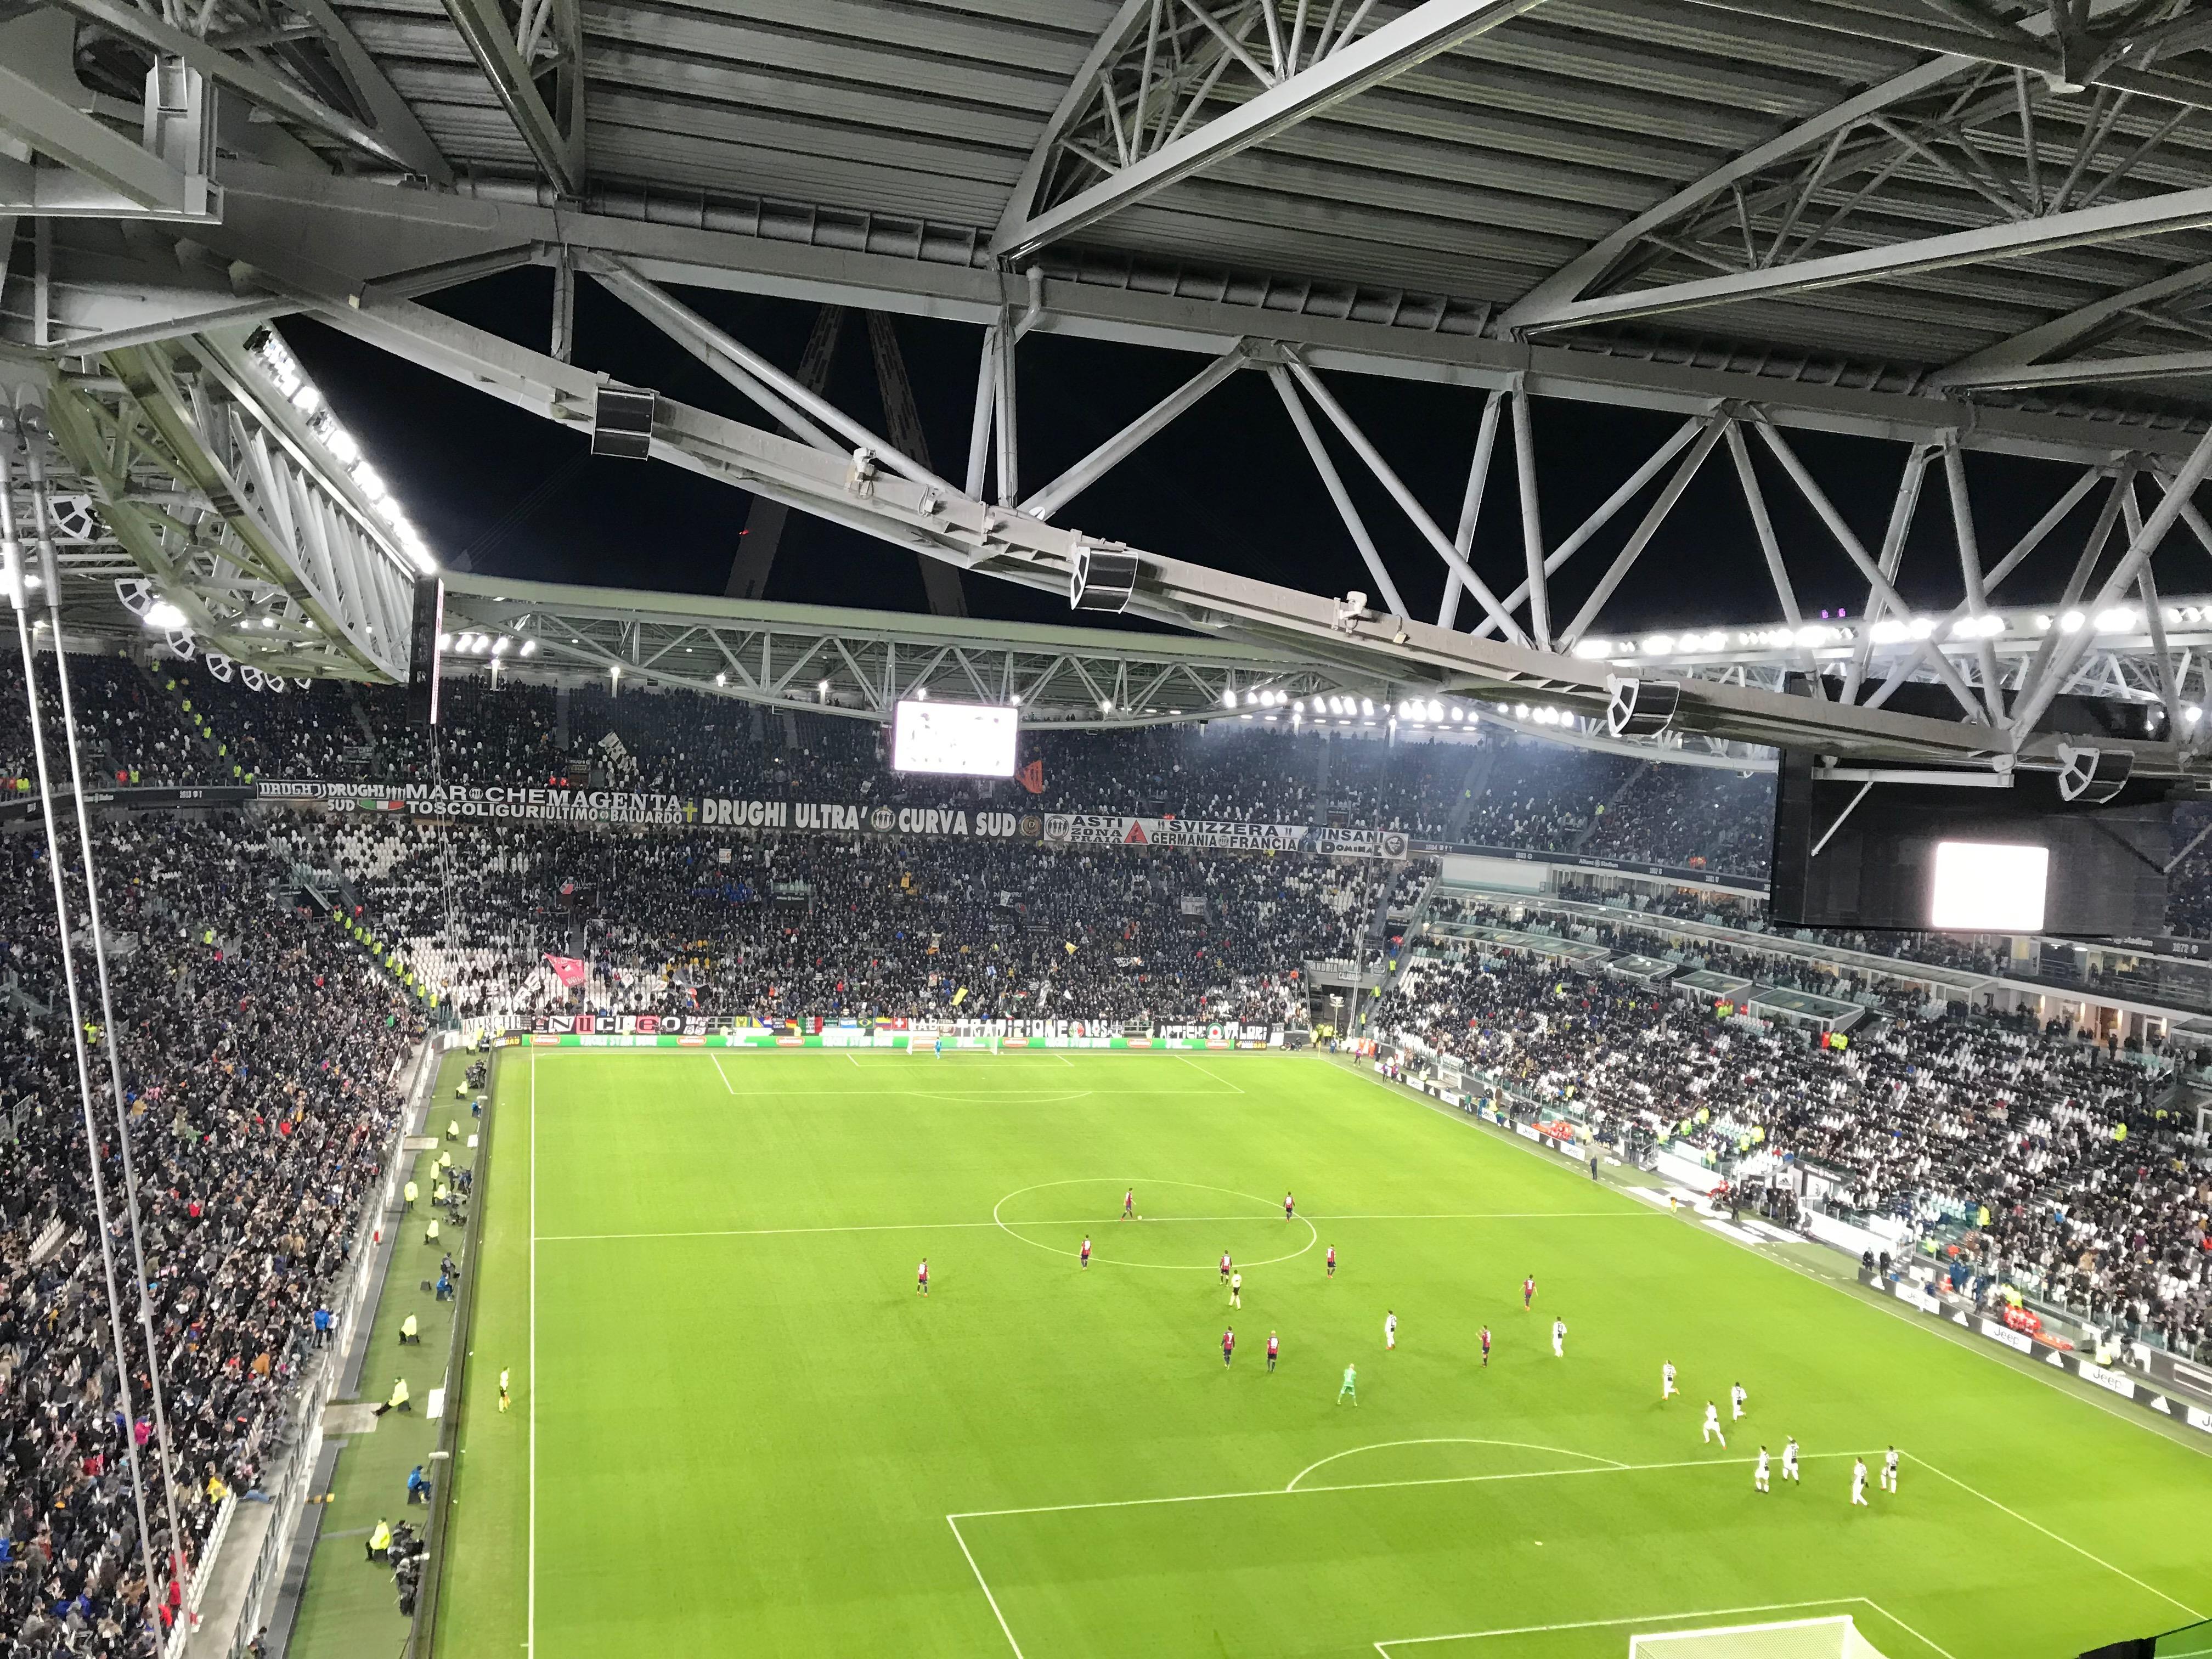 lolanoviajasola turin estadio